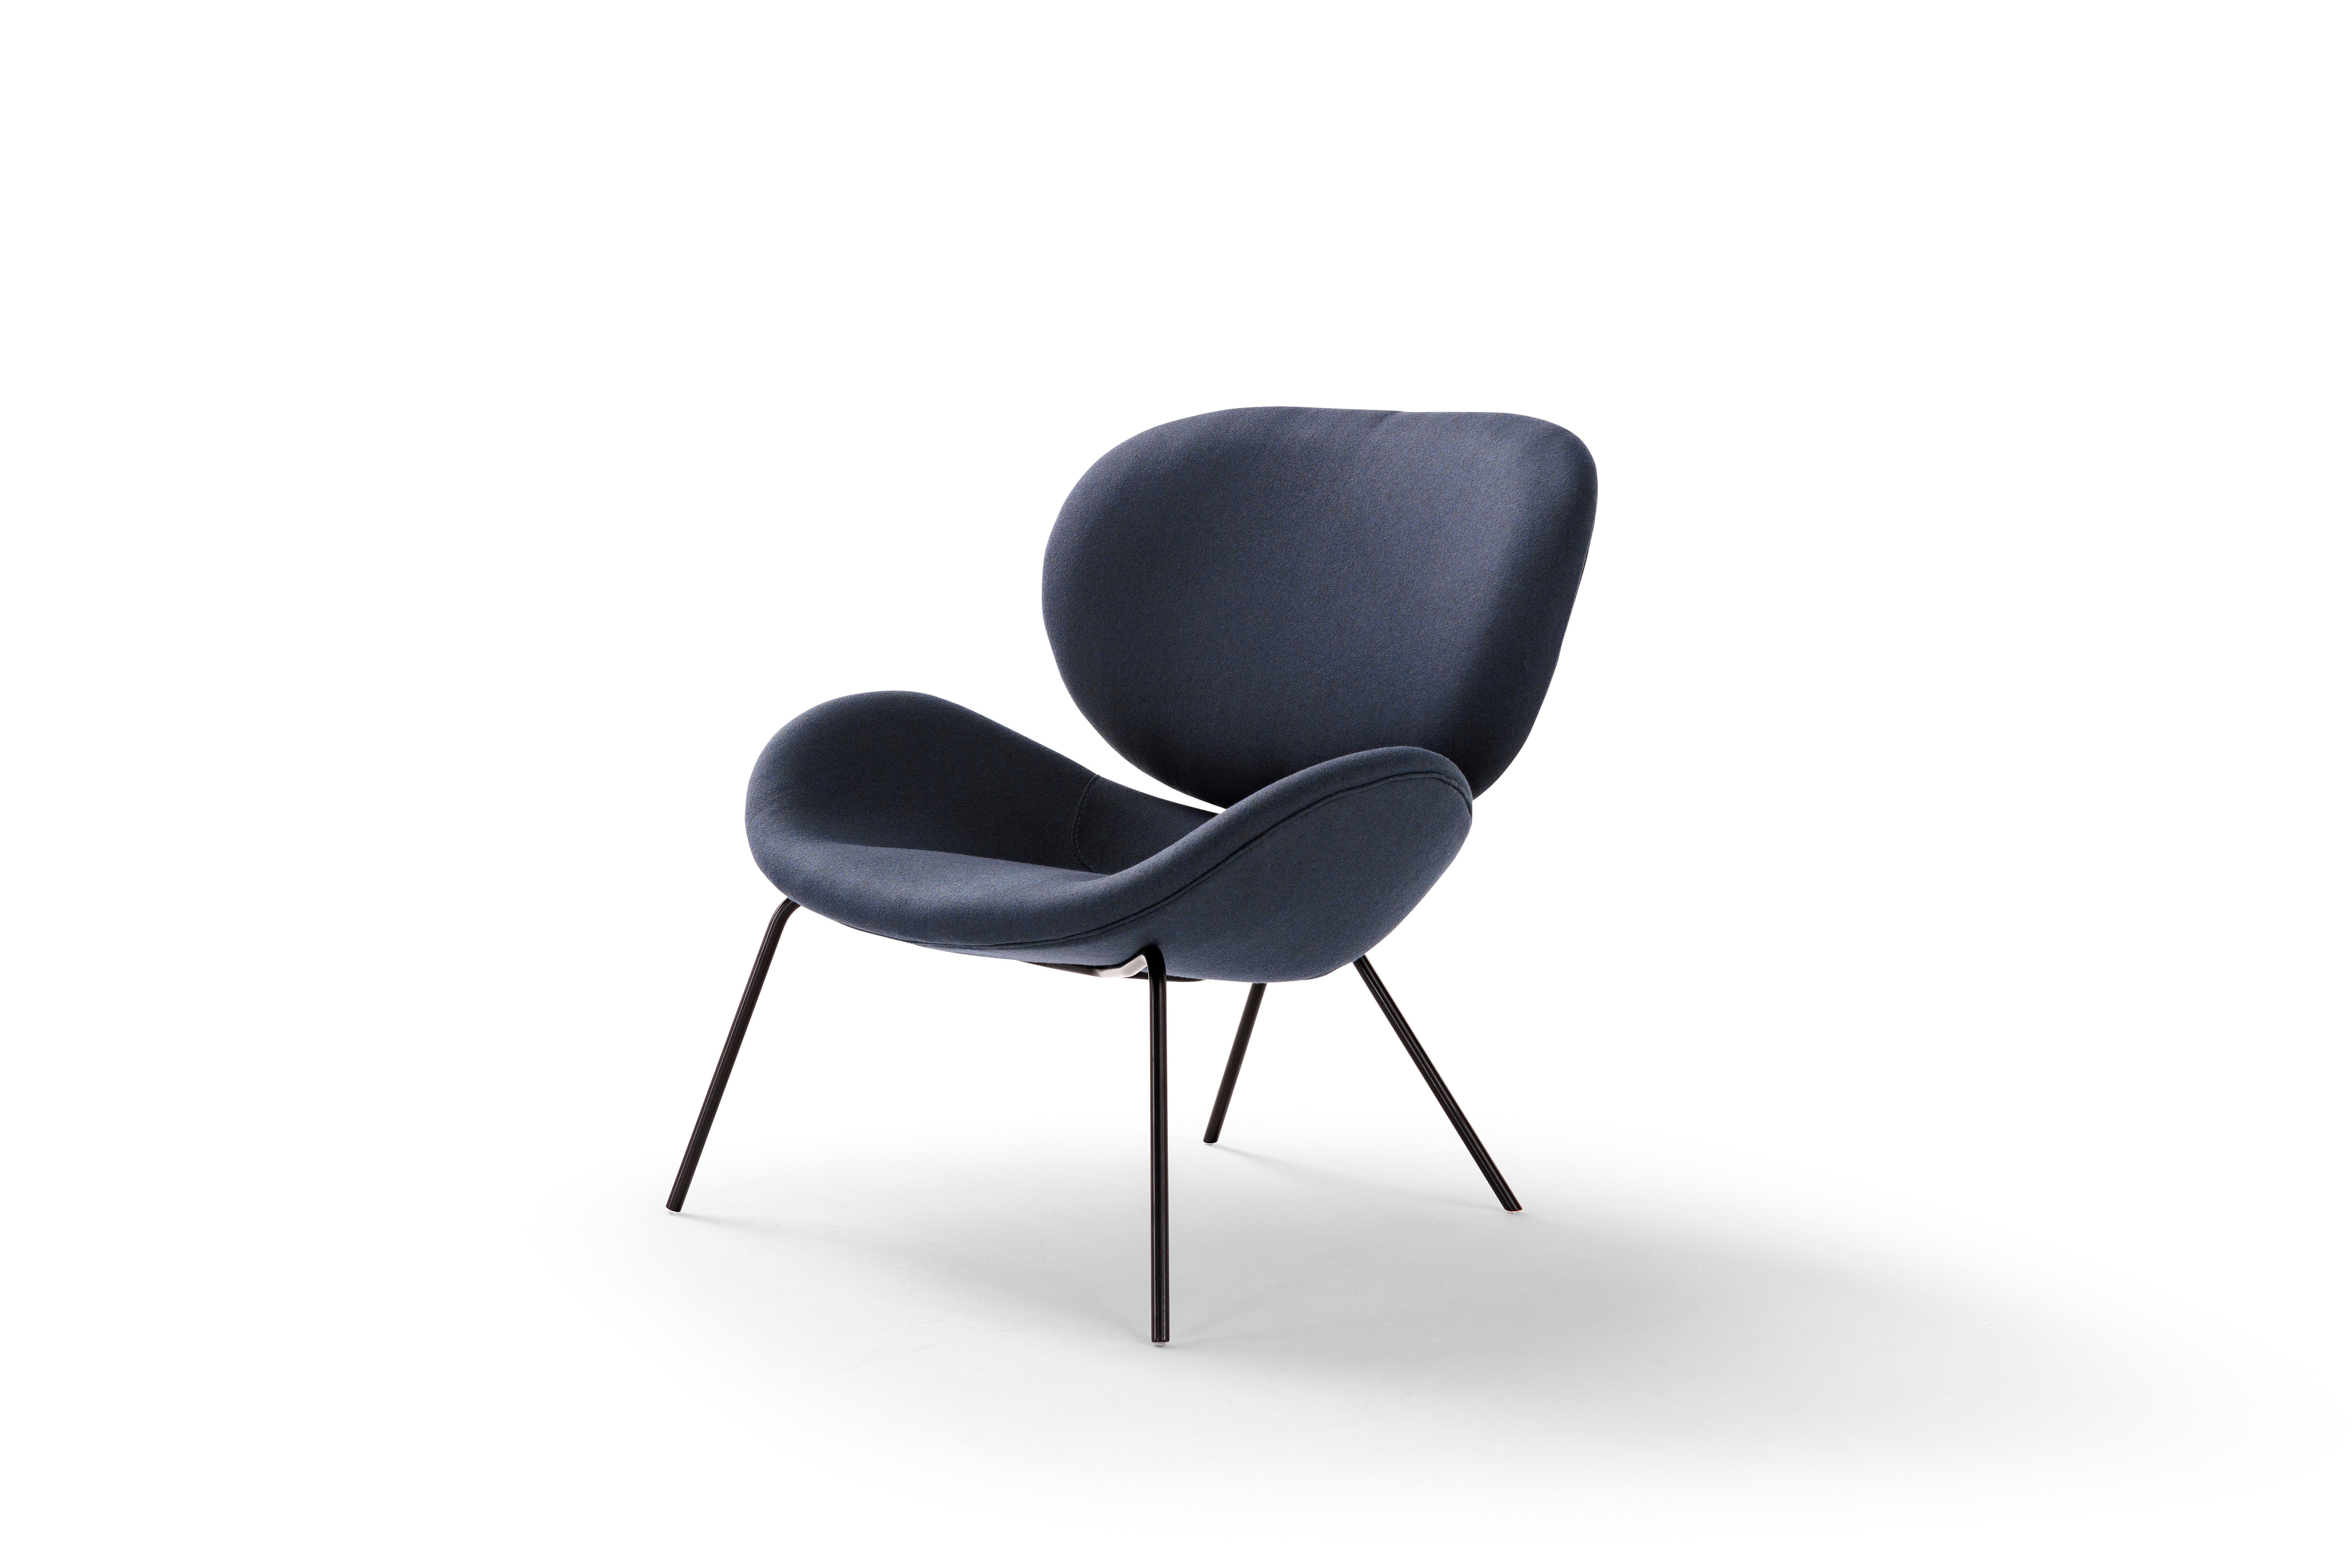 Amura 'Uchiwa' Chair in Blue Fabric by Andrea Quaglio & Manuela Simonelli